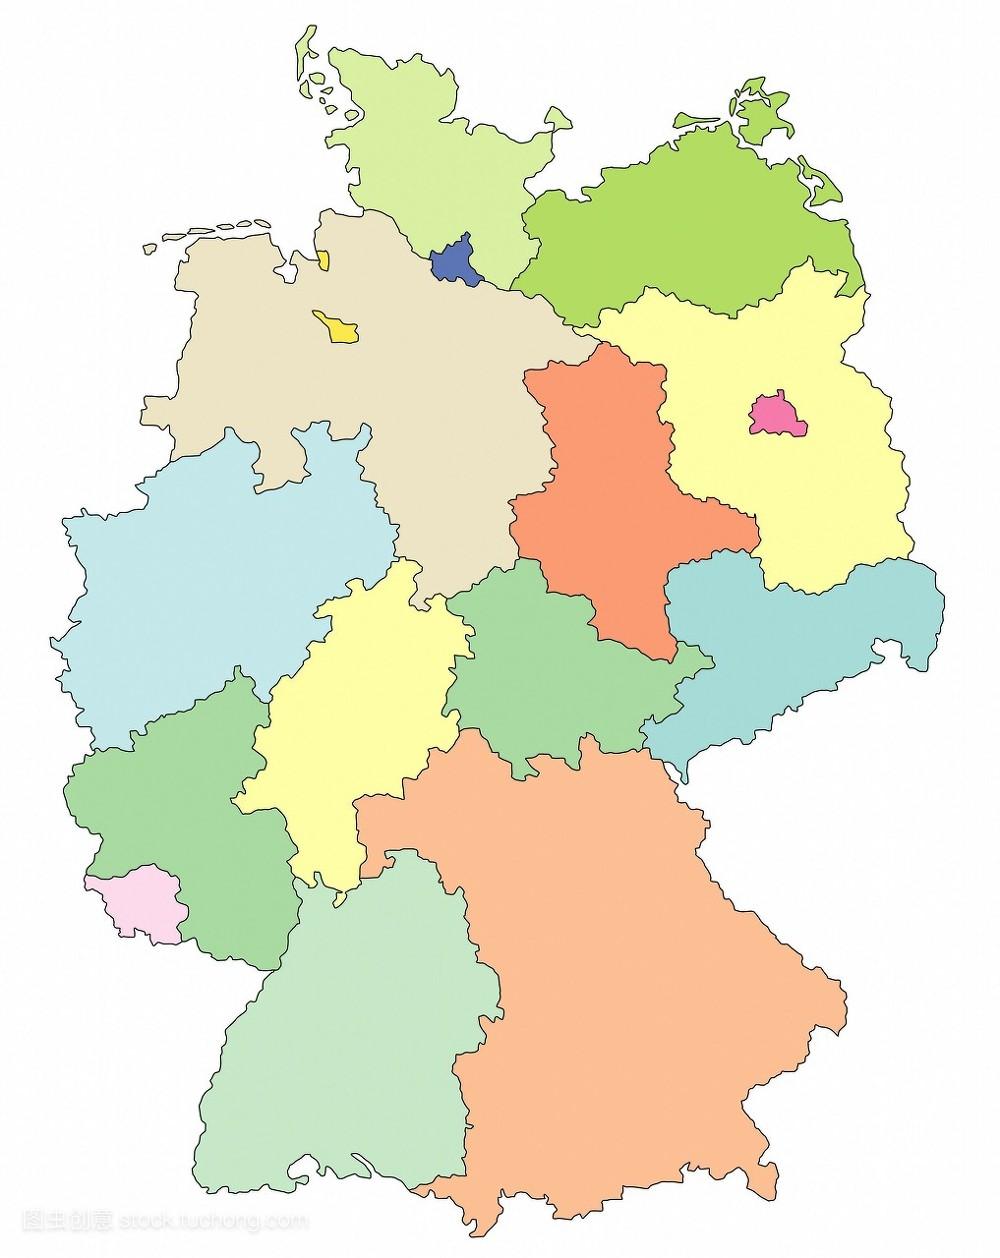 郊外,纸牌,社会,欧洲,州,卡,陆地,图画,地图,摄影,德国,卡片,欧洲的图片